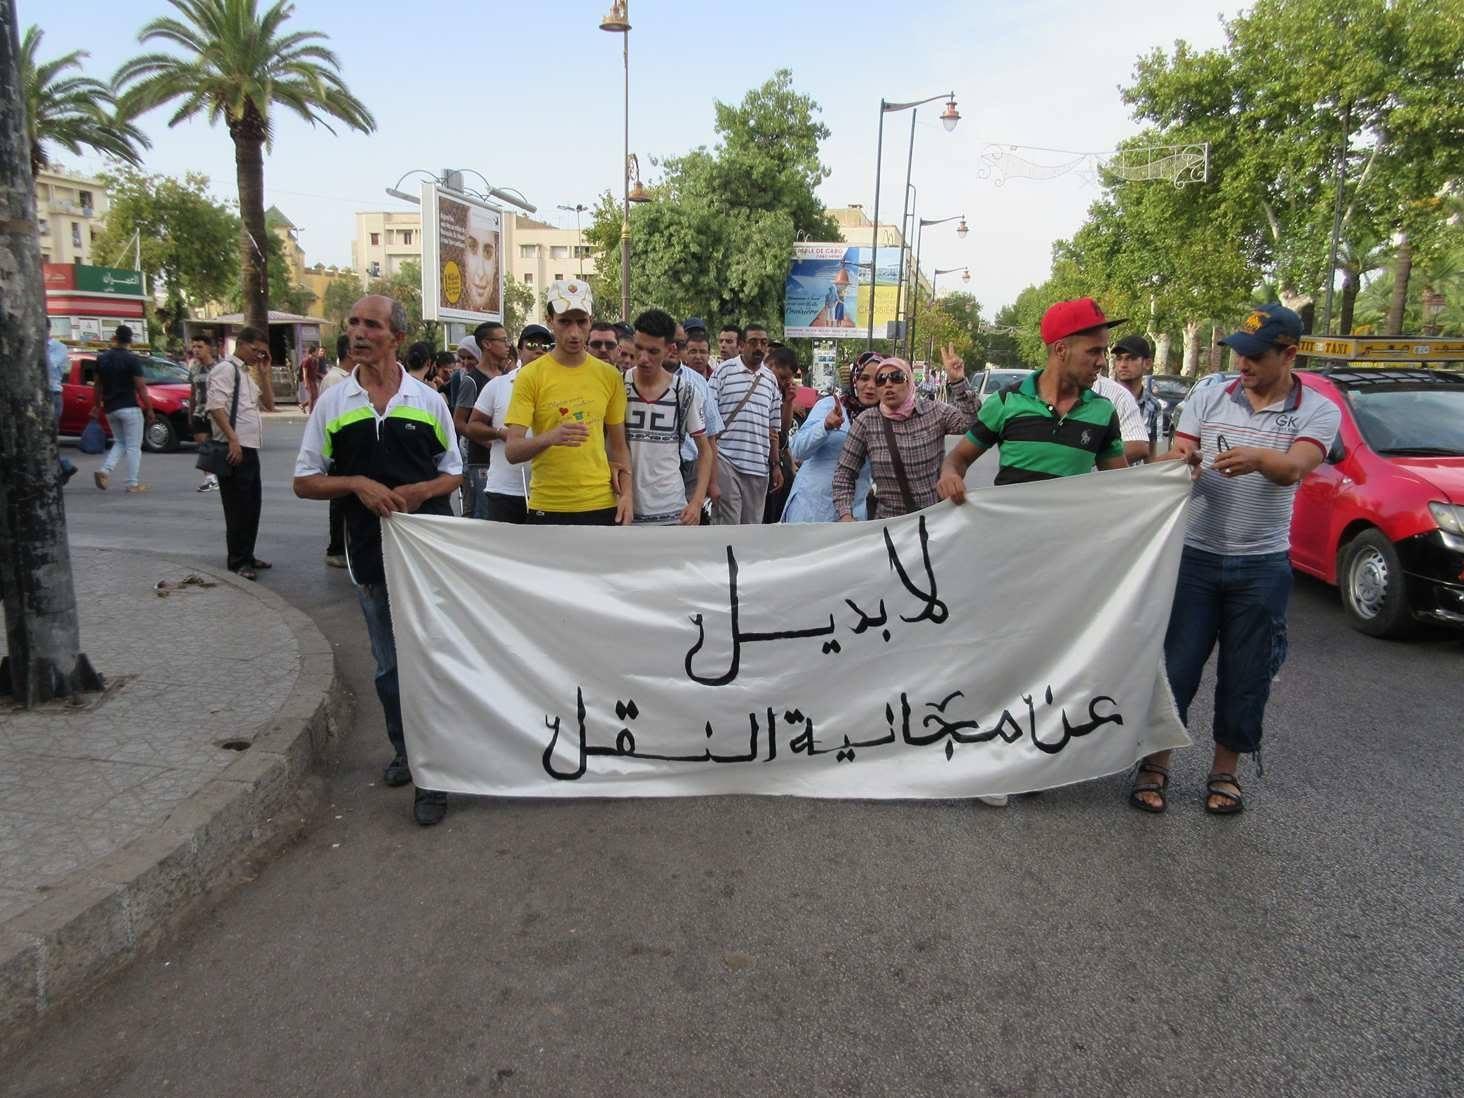 Photo of لا بديل عن مجانية النقل شعار حملته التنسيقية المحلية للدفاع عن حقوق للمكفوفين  في وجه سيتي باص بفاس